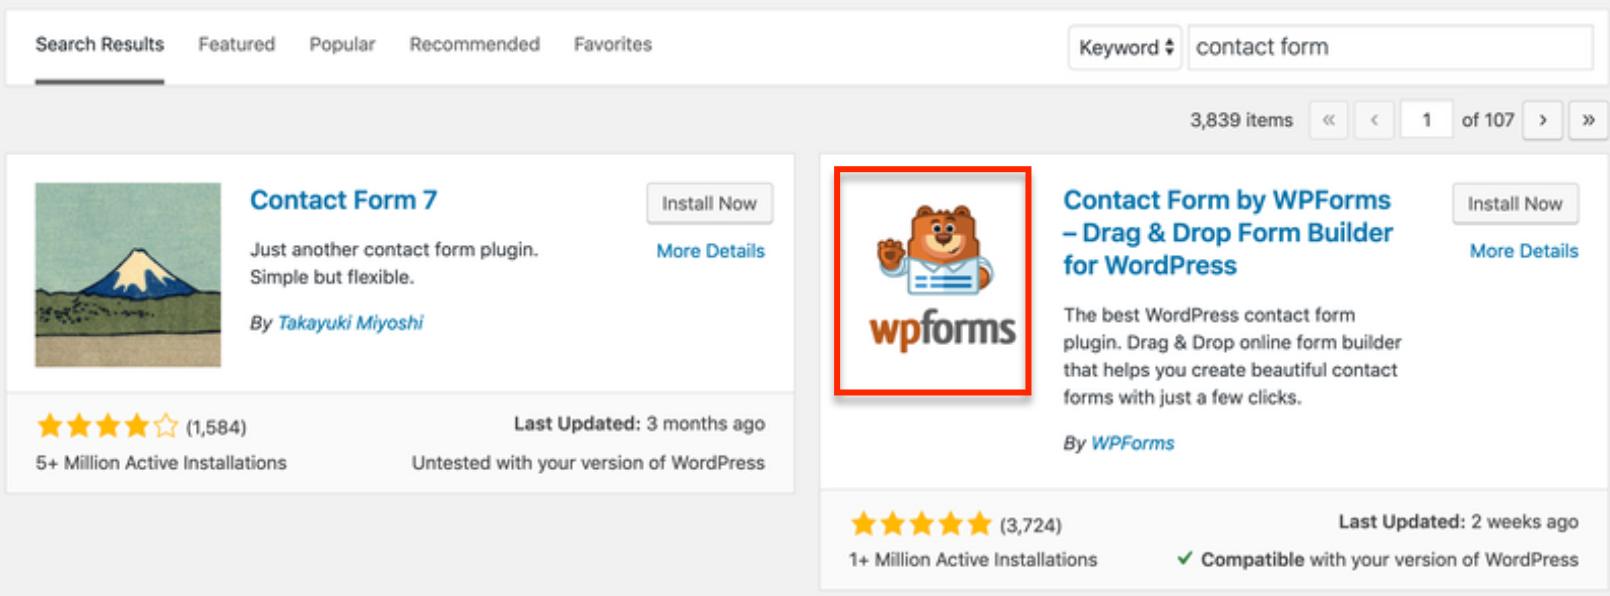 Cómo crear formularios conversacionales mediante WPForms. thinkmaverick